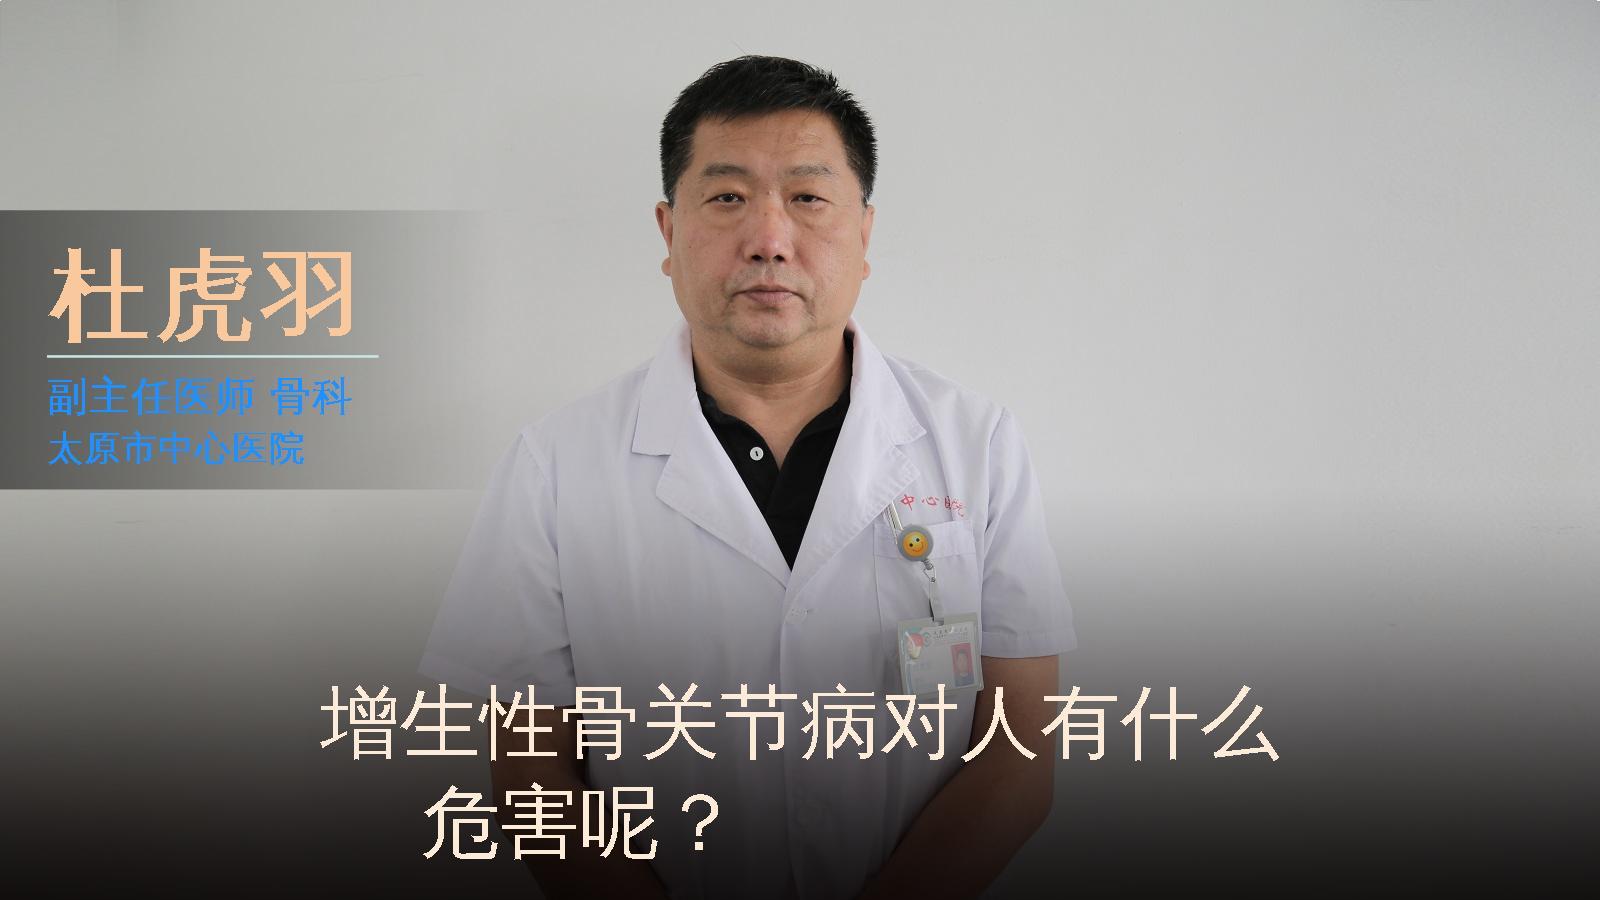 增生性骨关节病对人有什么危害呢?